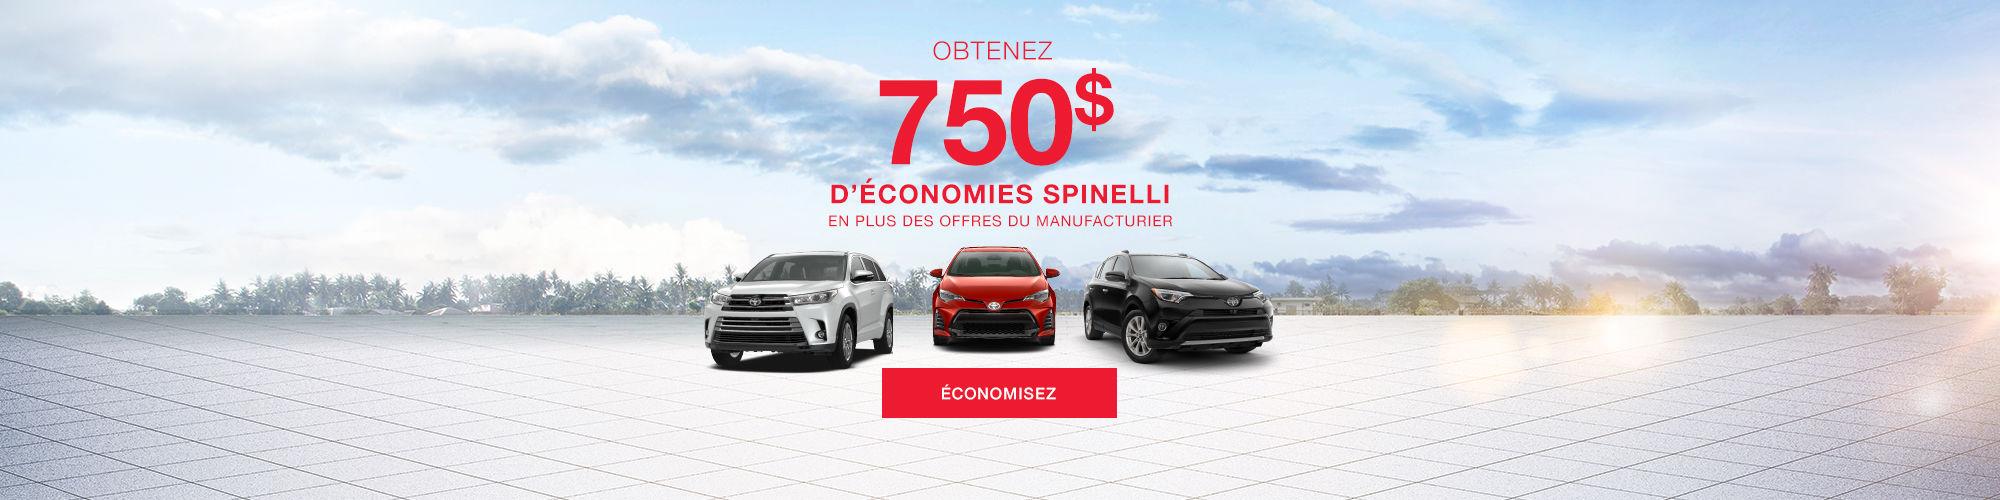 Économies Spinelli Toyota